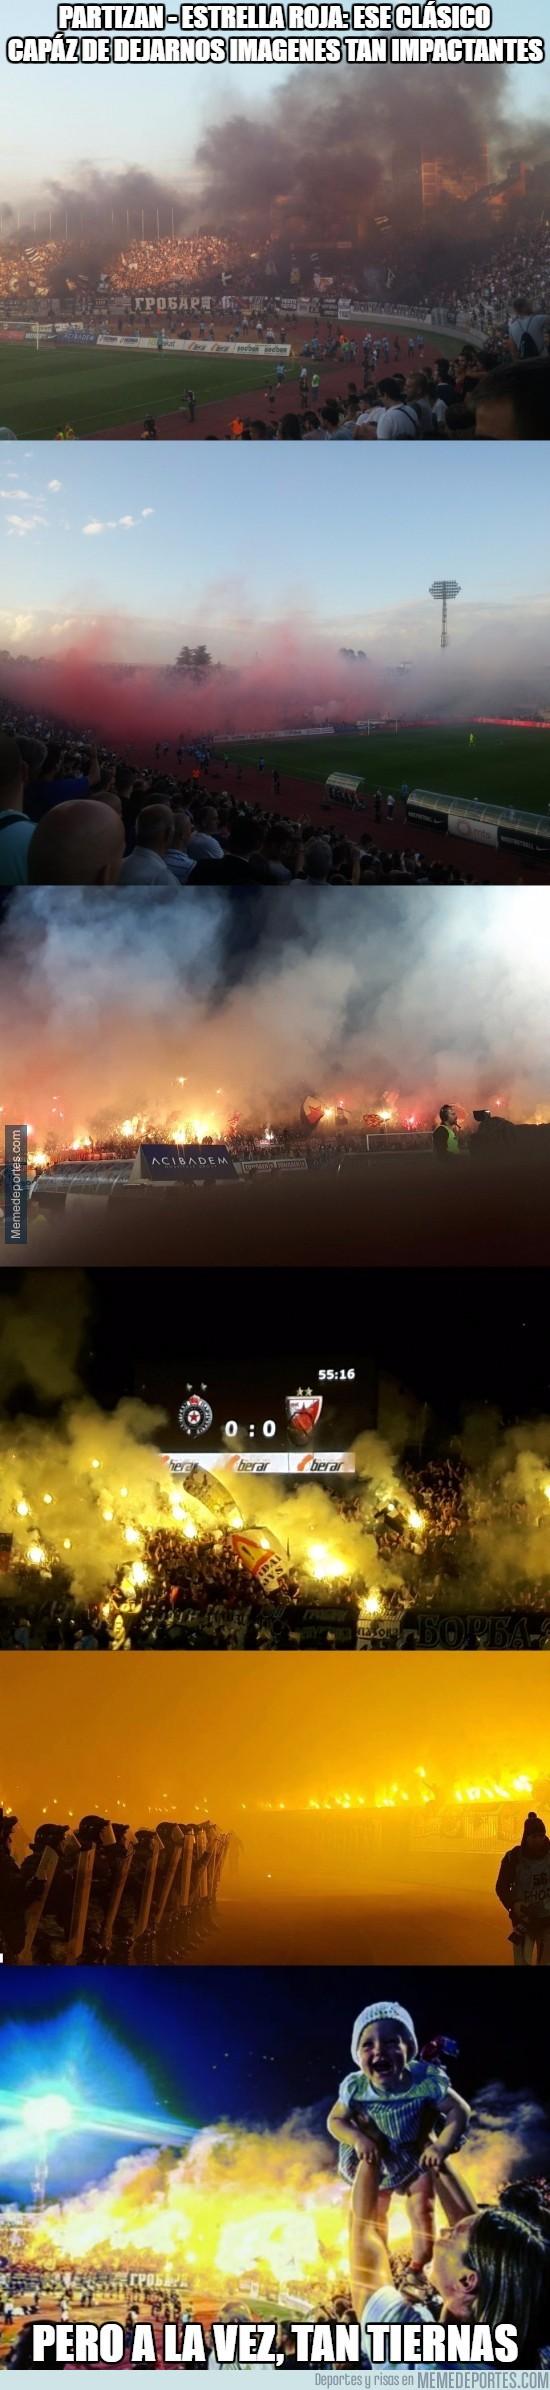 909265 - Las impactantes imágenes del Partizan - Estrella Roja